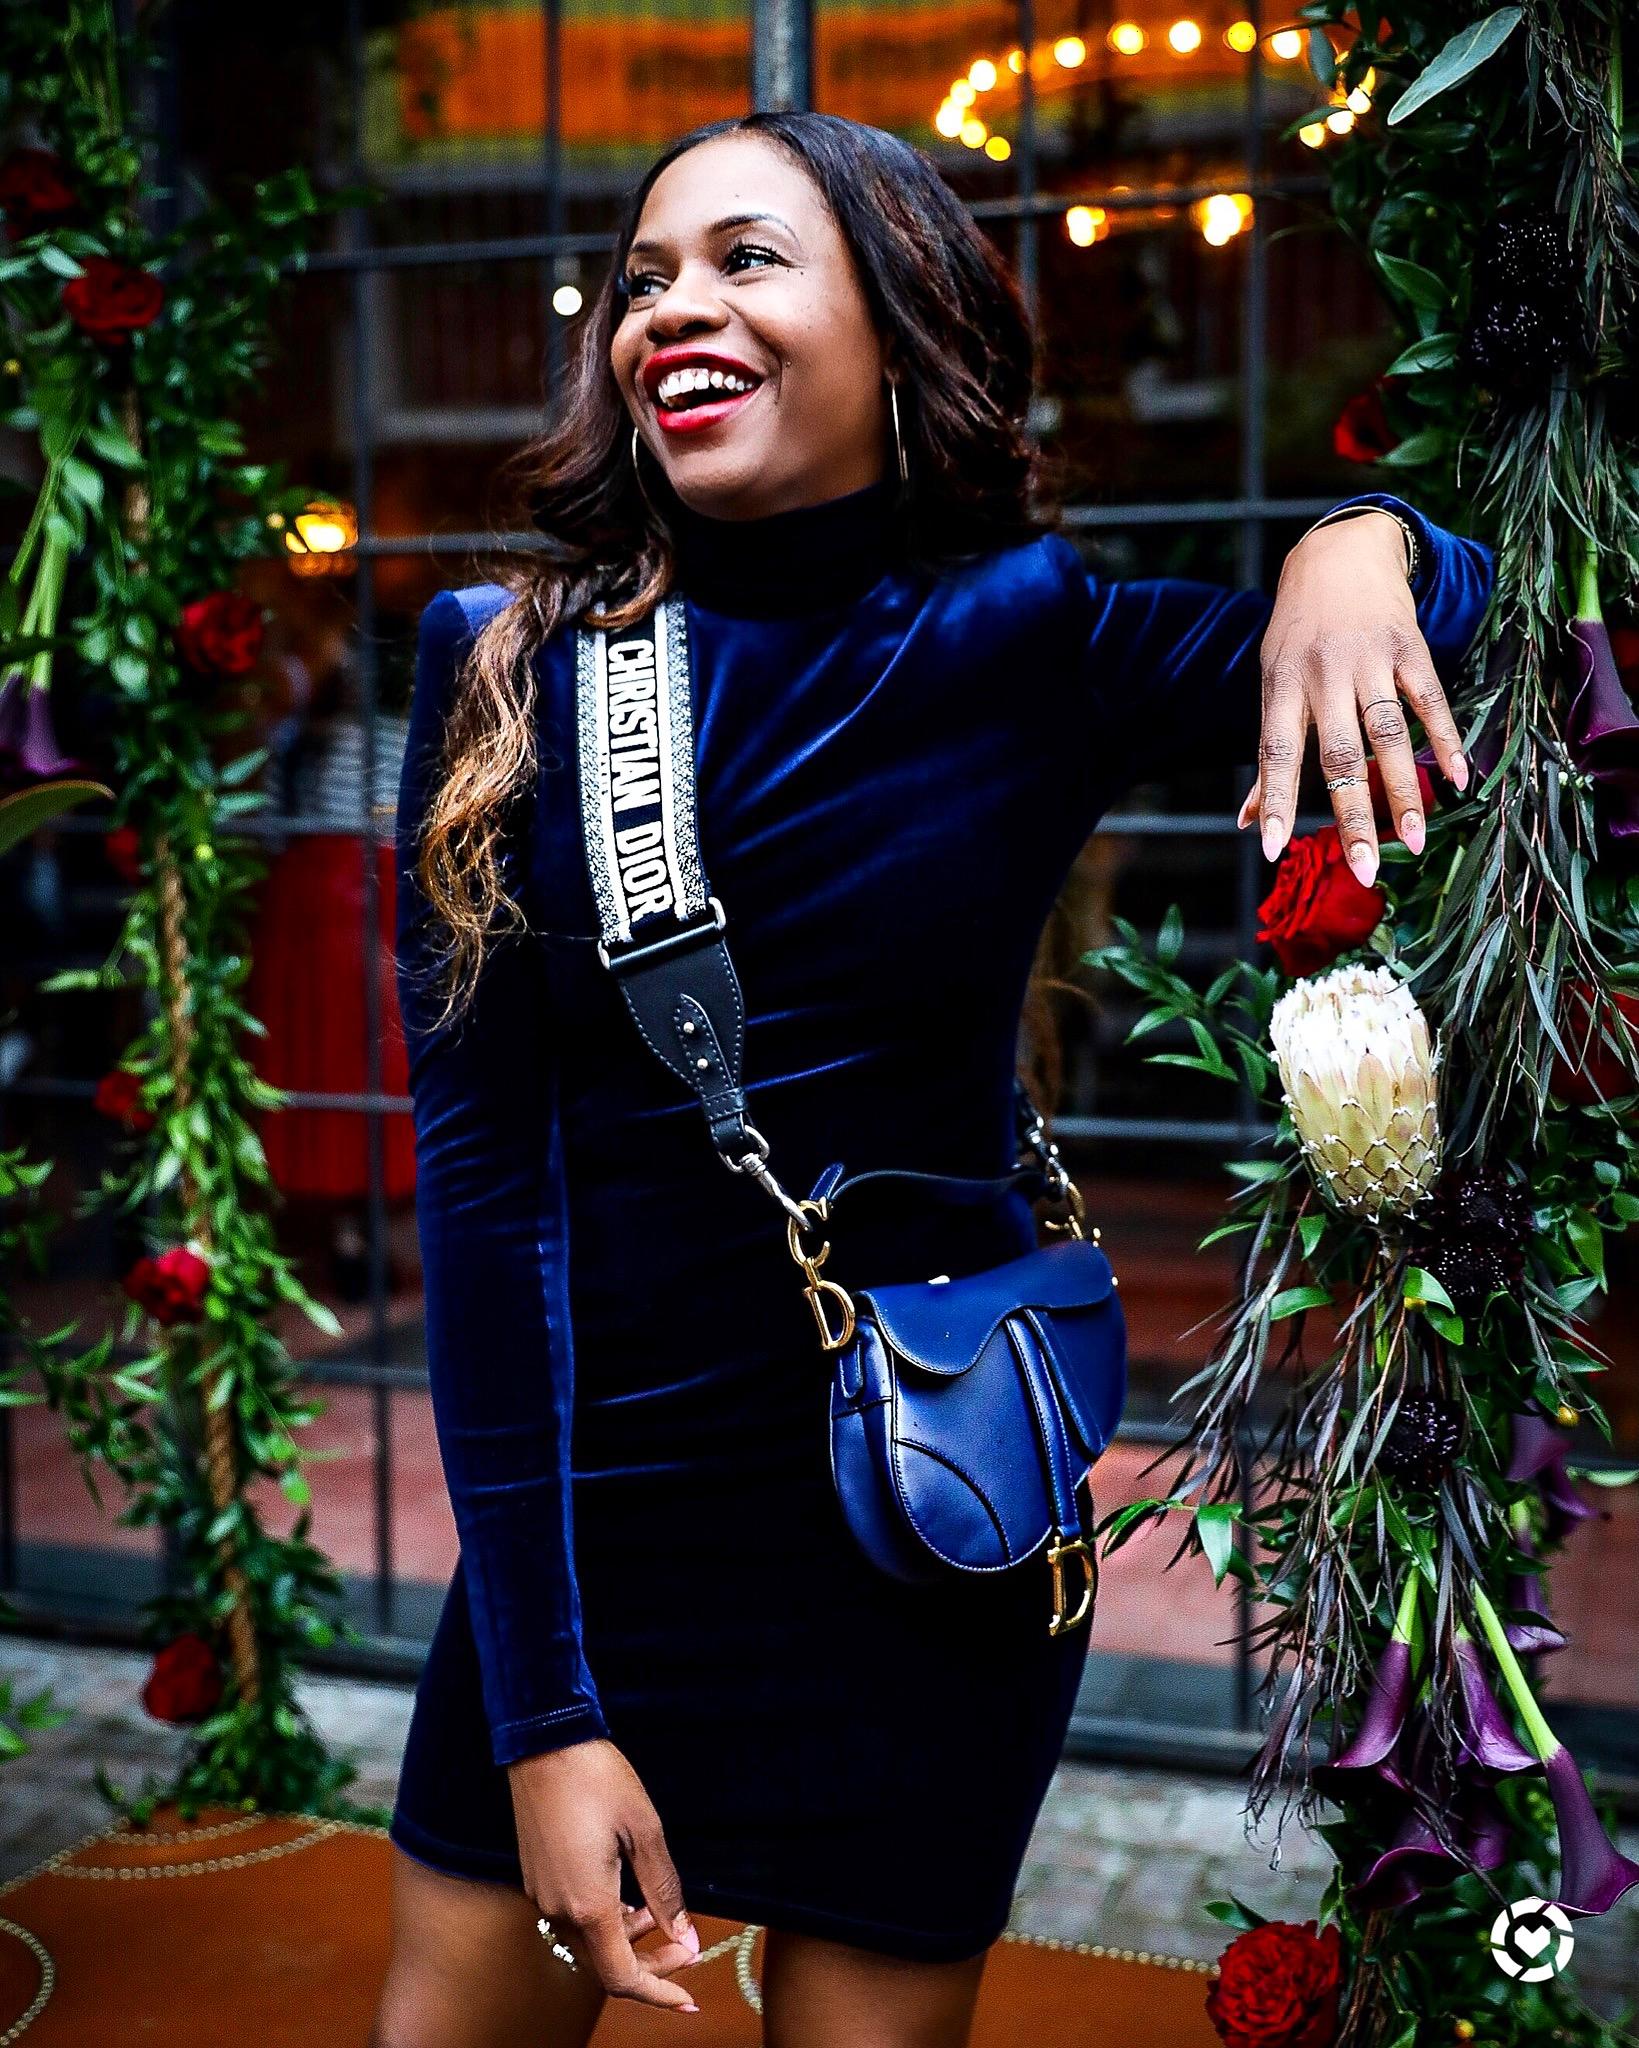 unboxing Dior strap for saddle bag and Dior bracelet